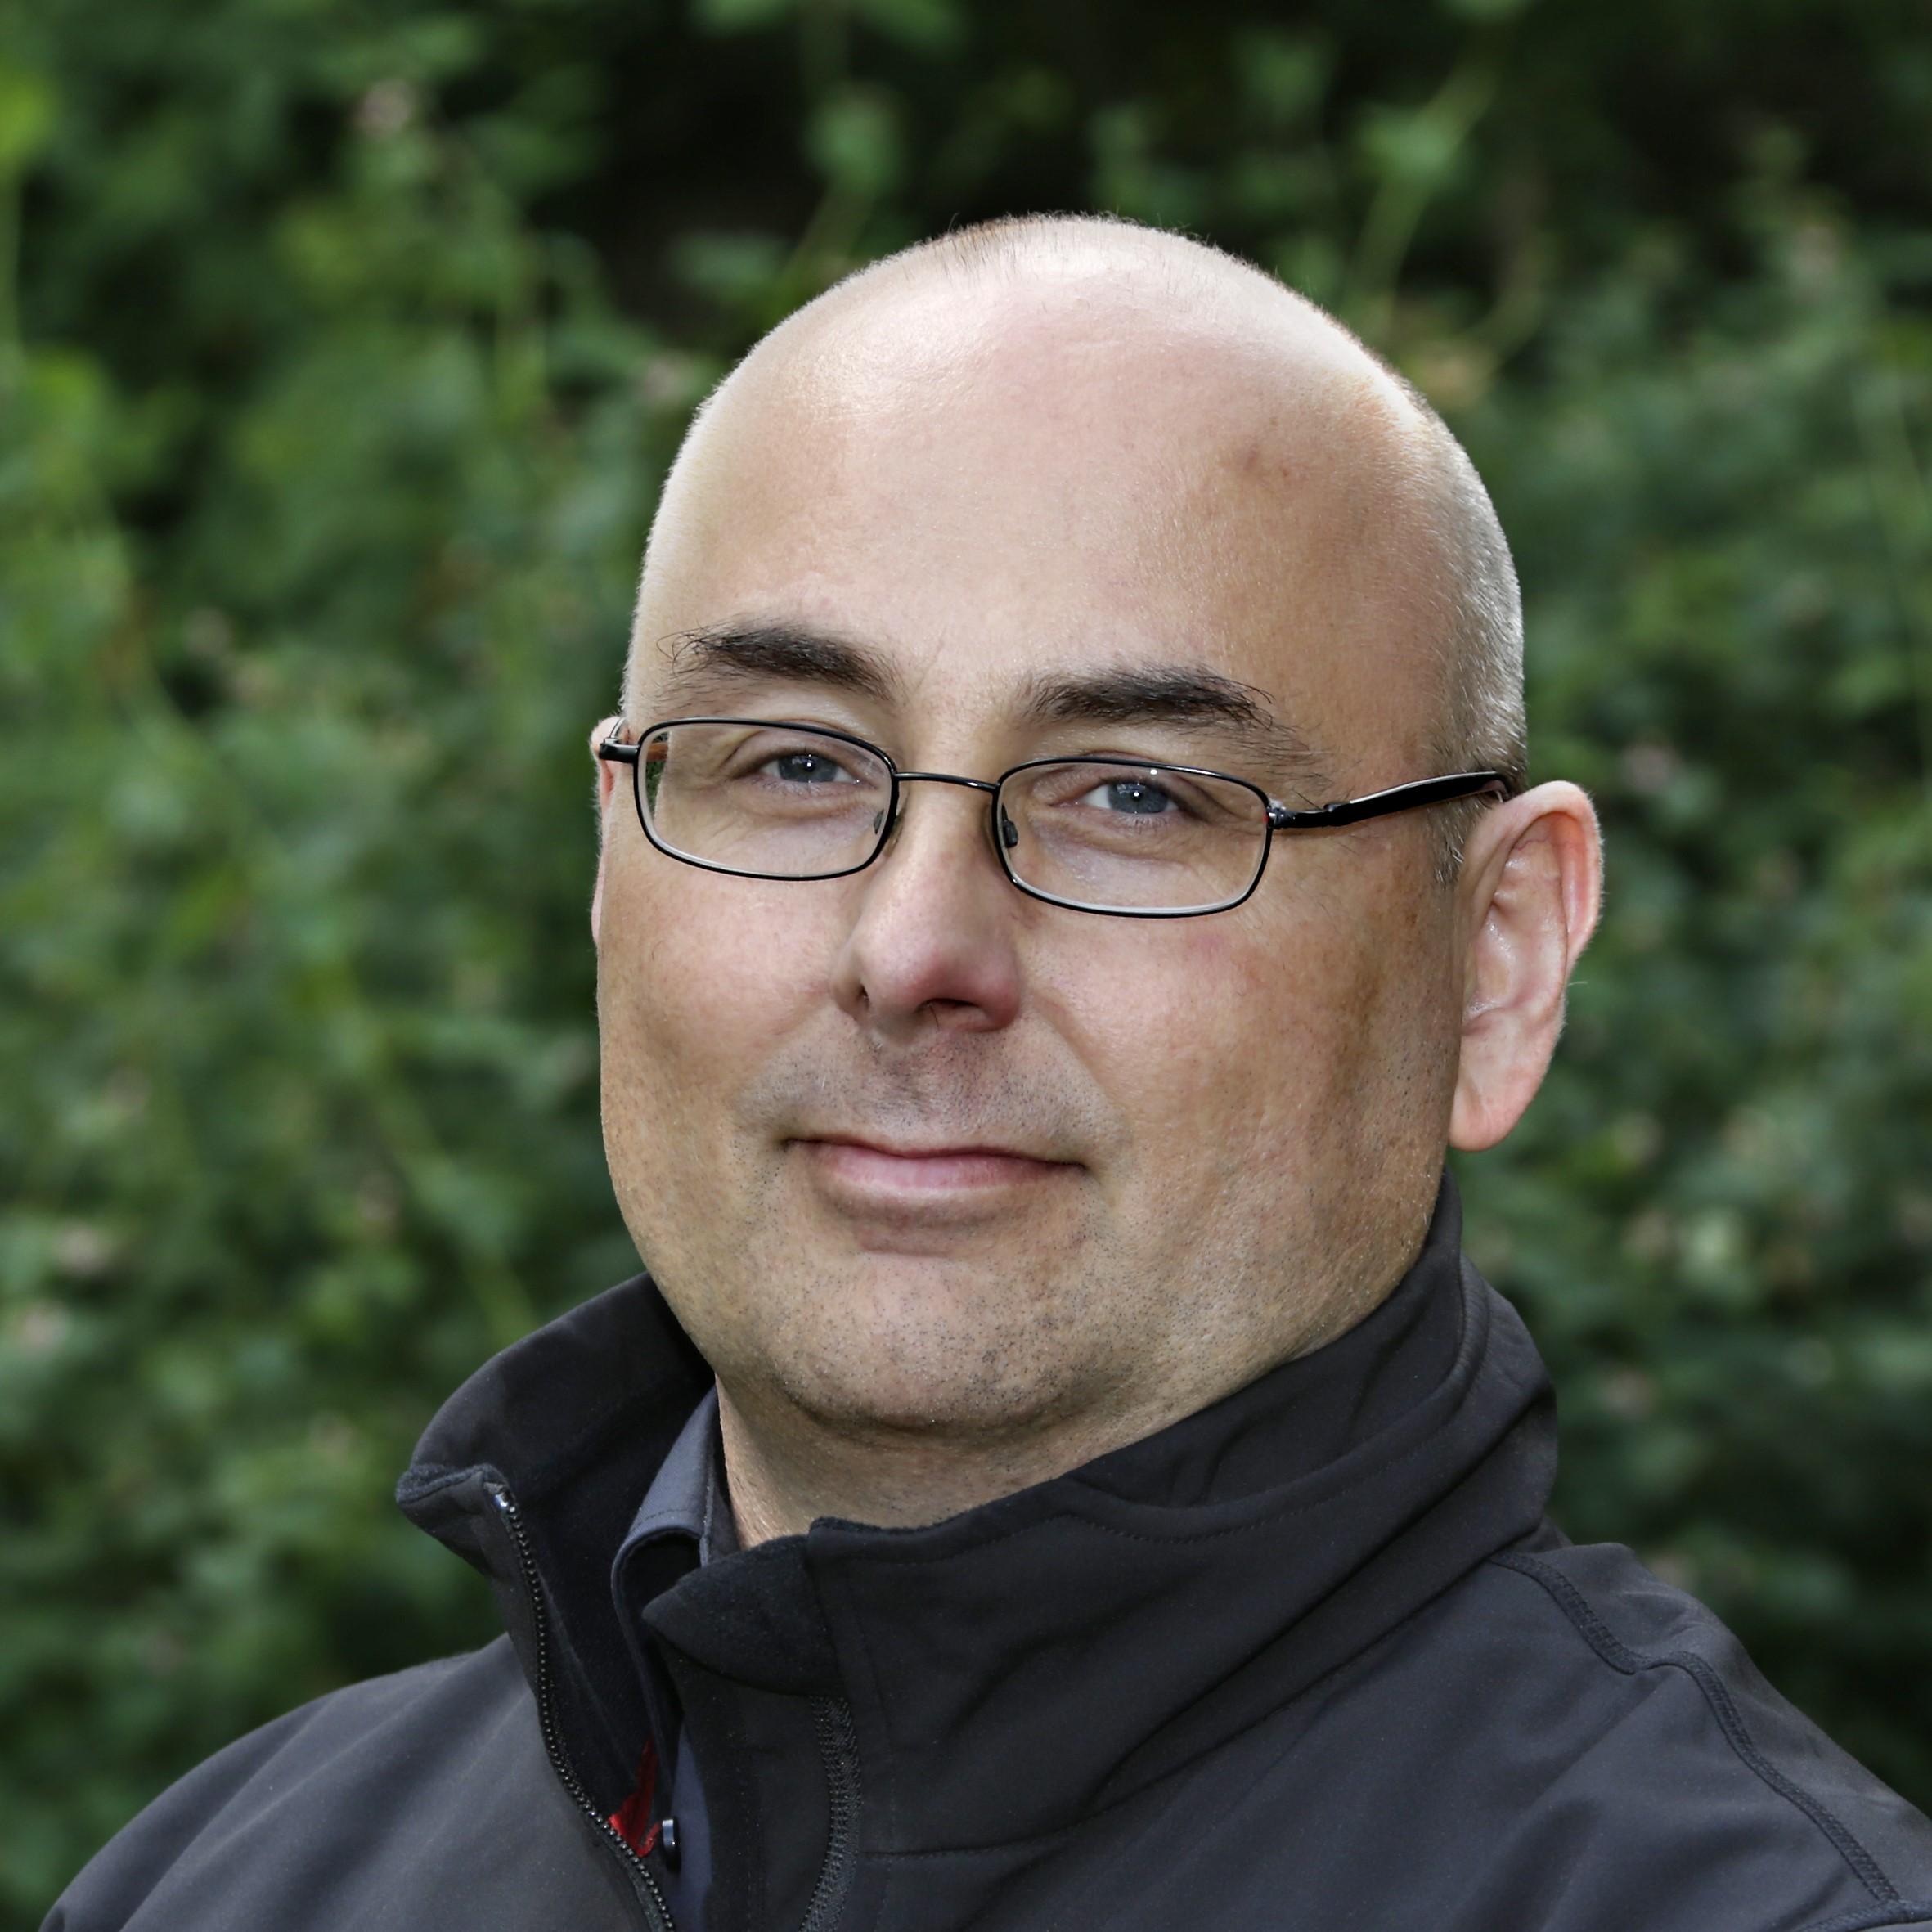 Karsten Folmer